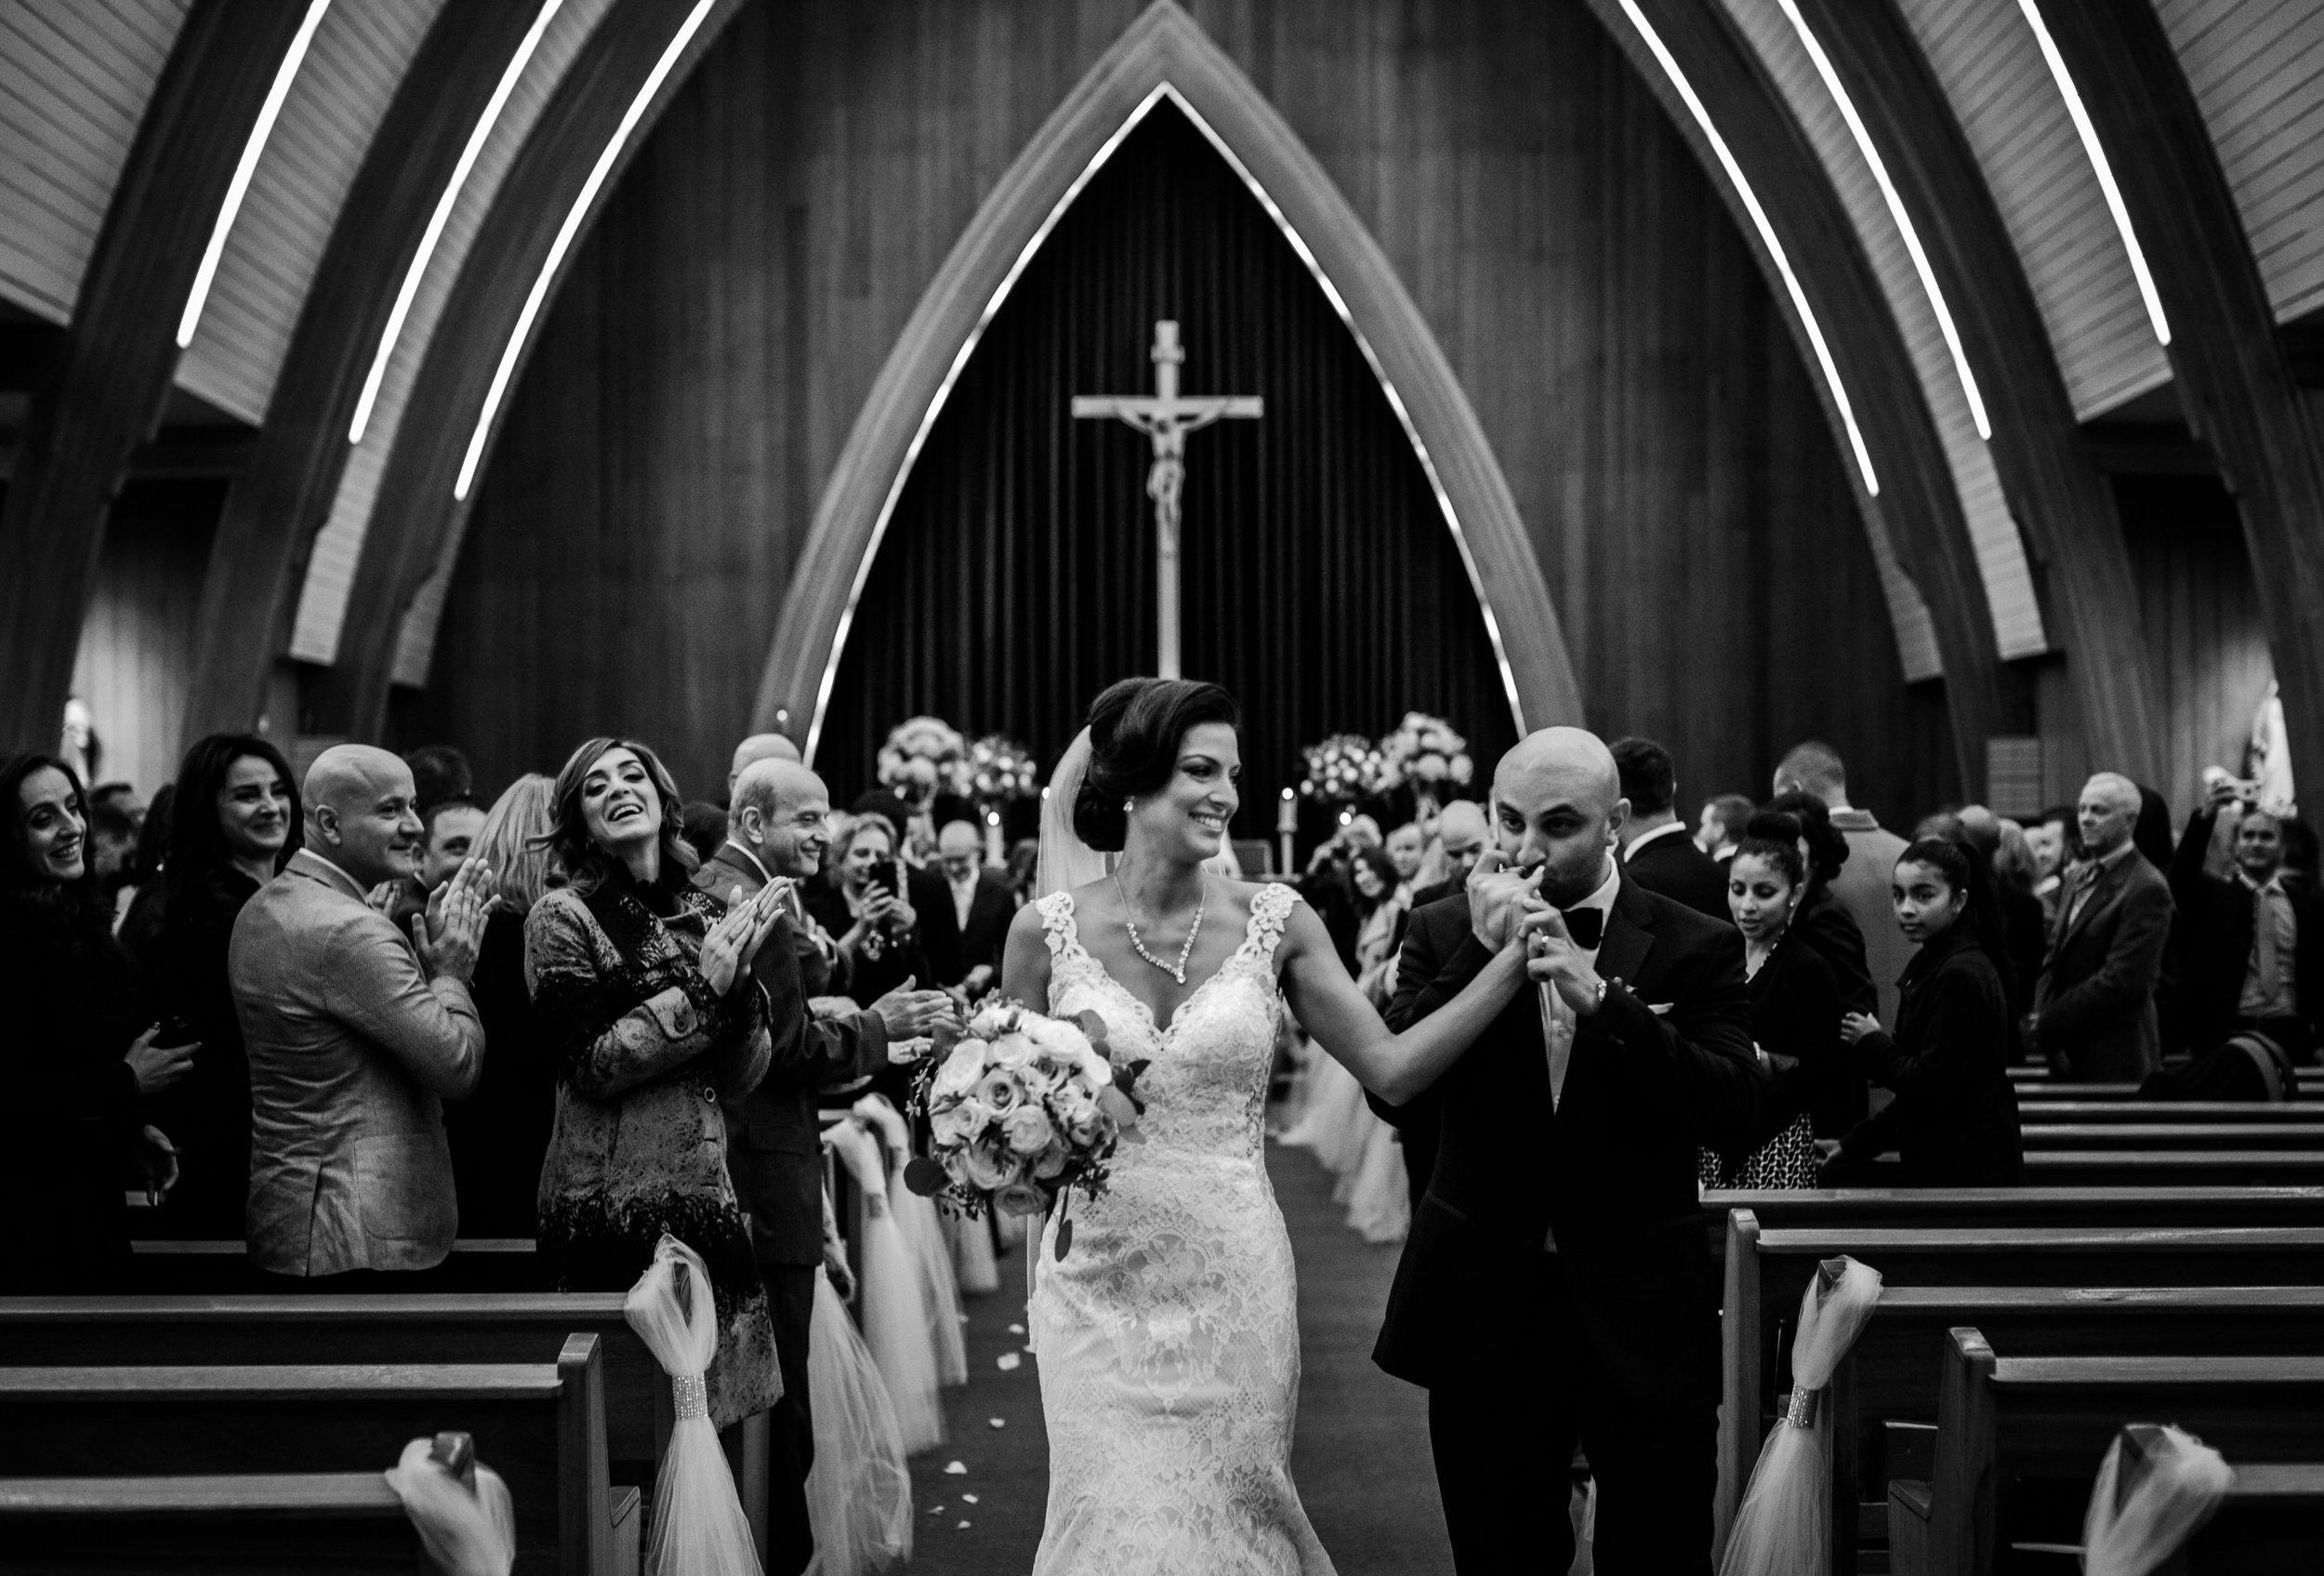 Pitt Meadows Wedding Photographer - Sky Hangar Wedding Photos - Vancouver Wedding Photographer & Videographer - Sunshine Coast Wedding Photos - Sunshine Coast Wedding Photographer - Jennifer Picard Photography - 1A5A1382-2.jpg